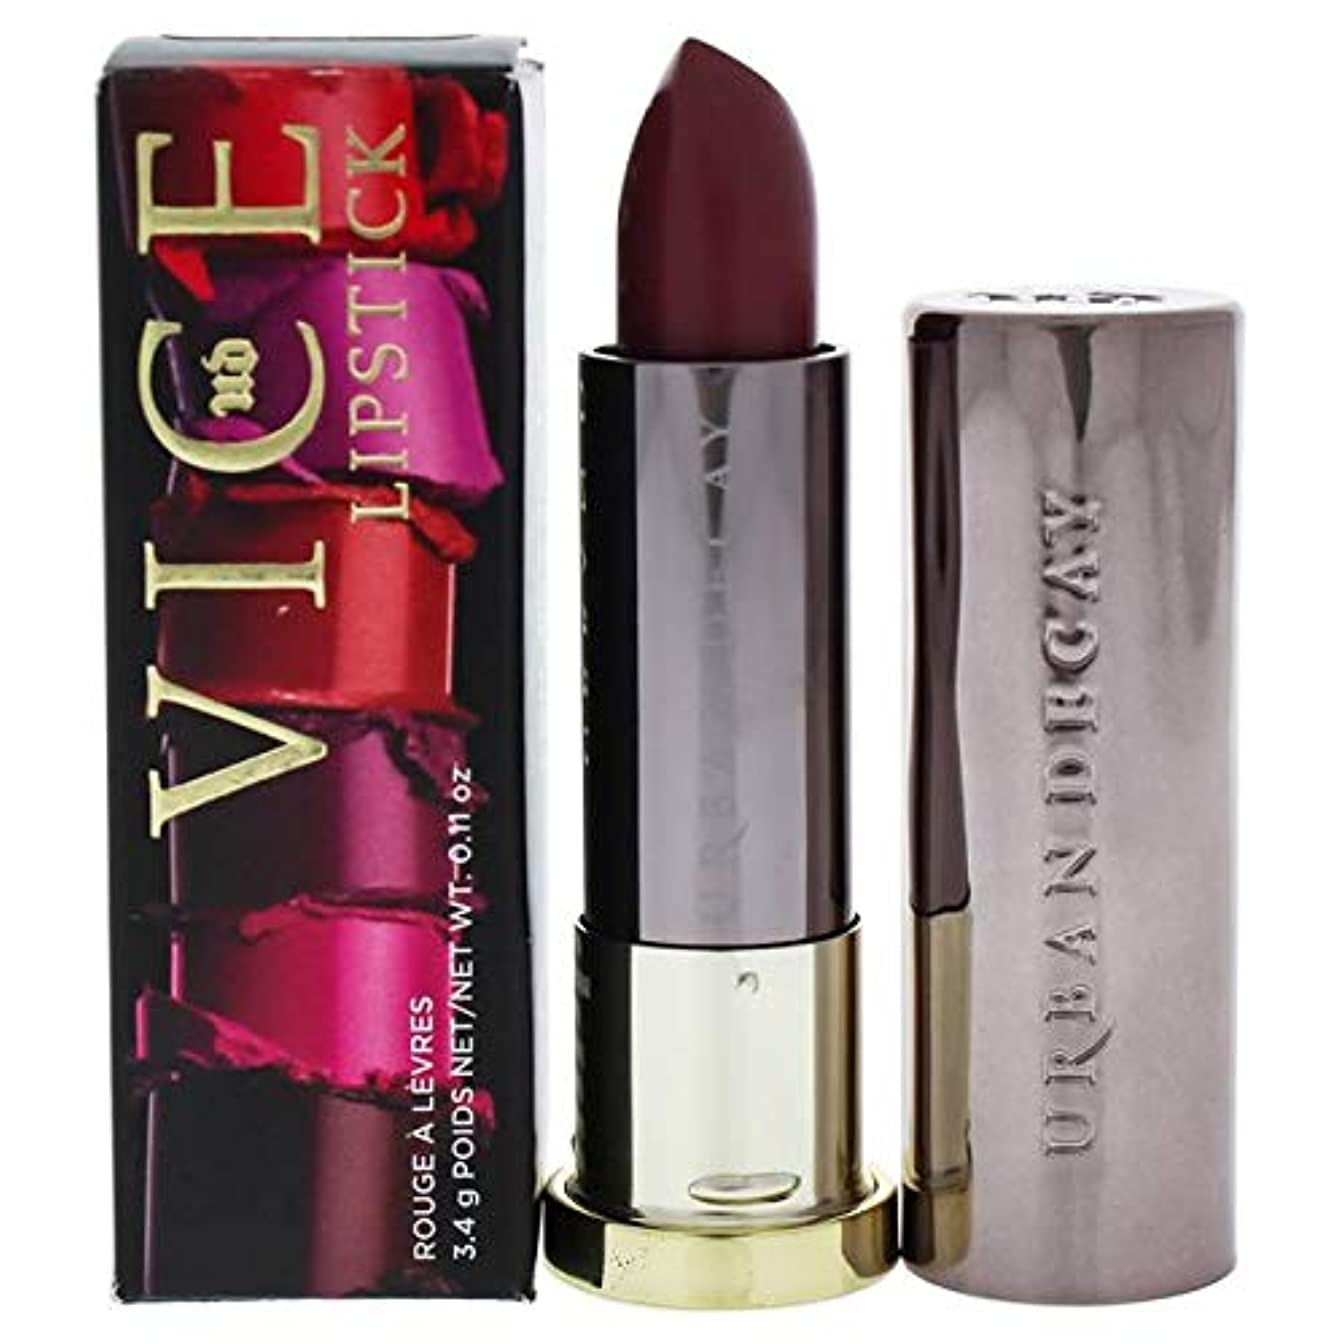 研磨剤バイナリ変形アーバンディケイ Vice Lipstick - # Crisis (Cream) 3.4g/0.11oz並行輸入品